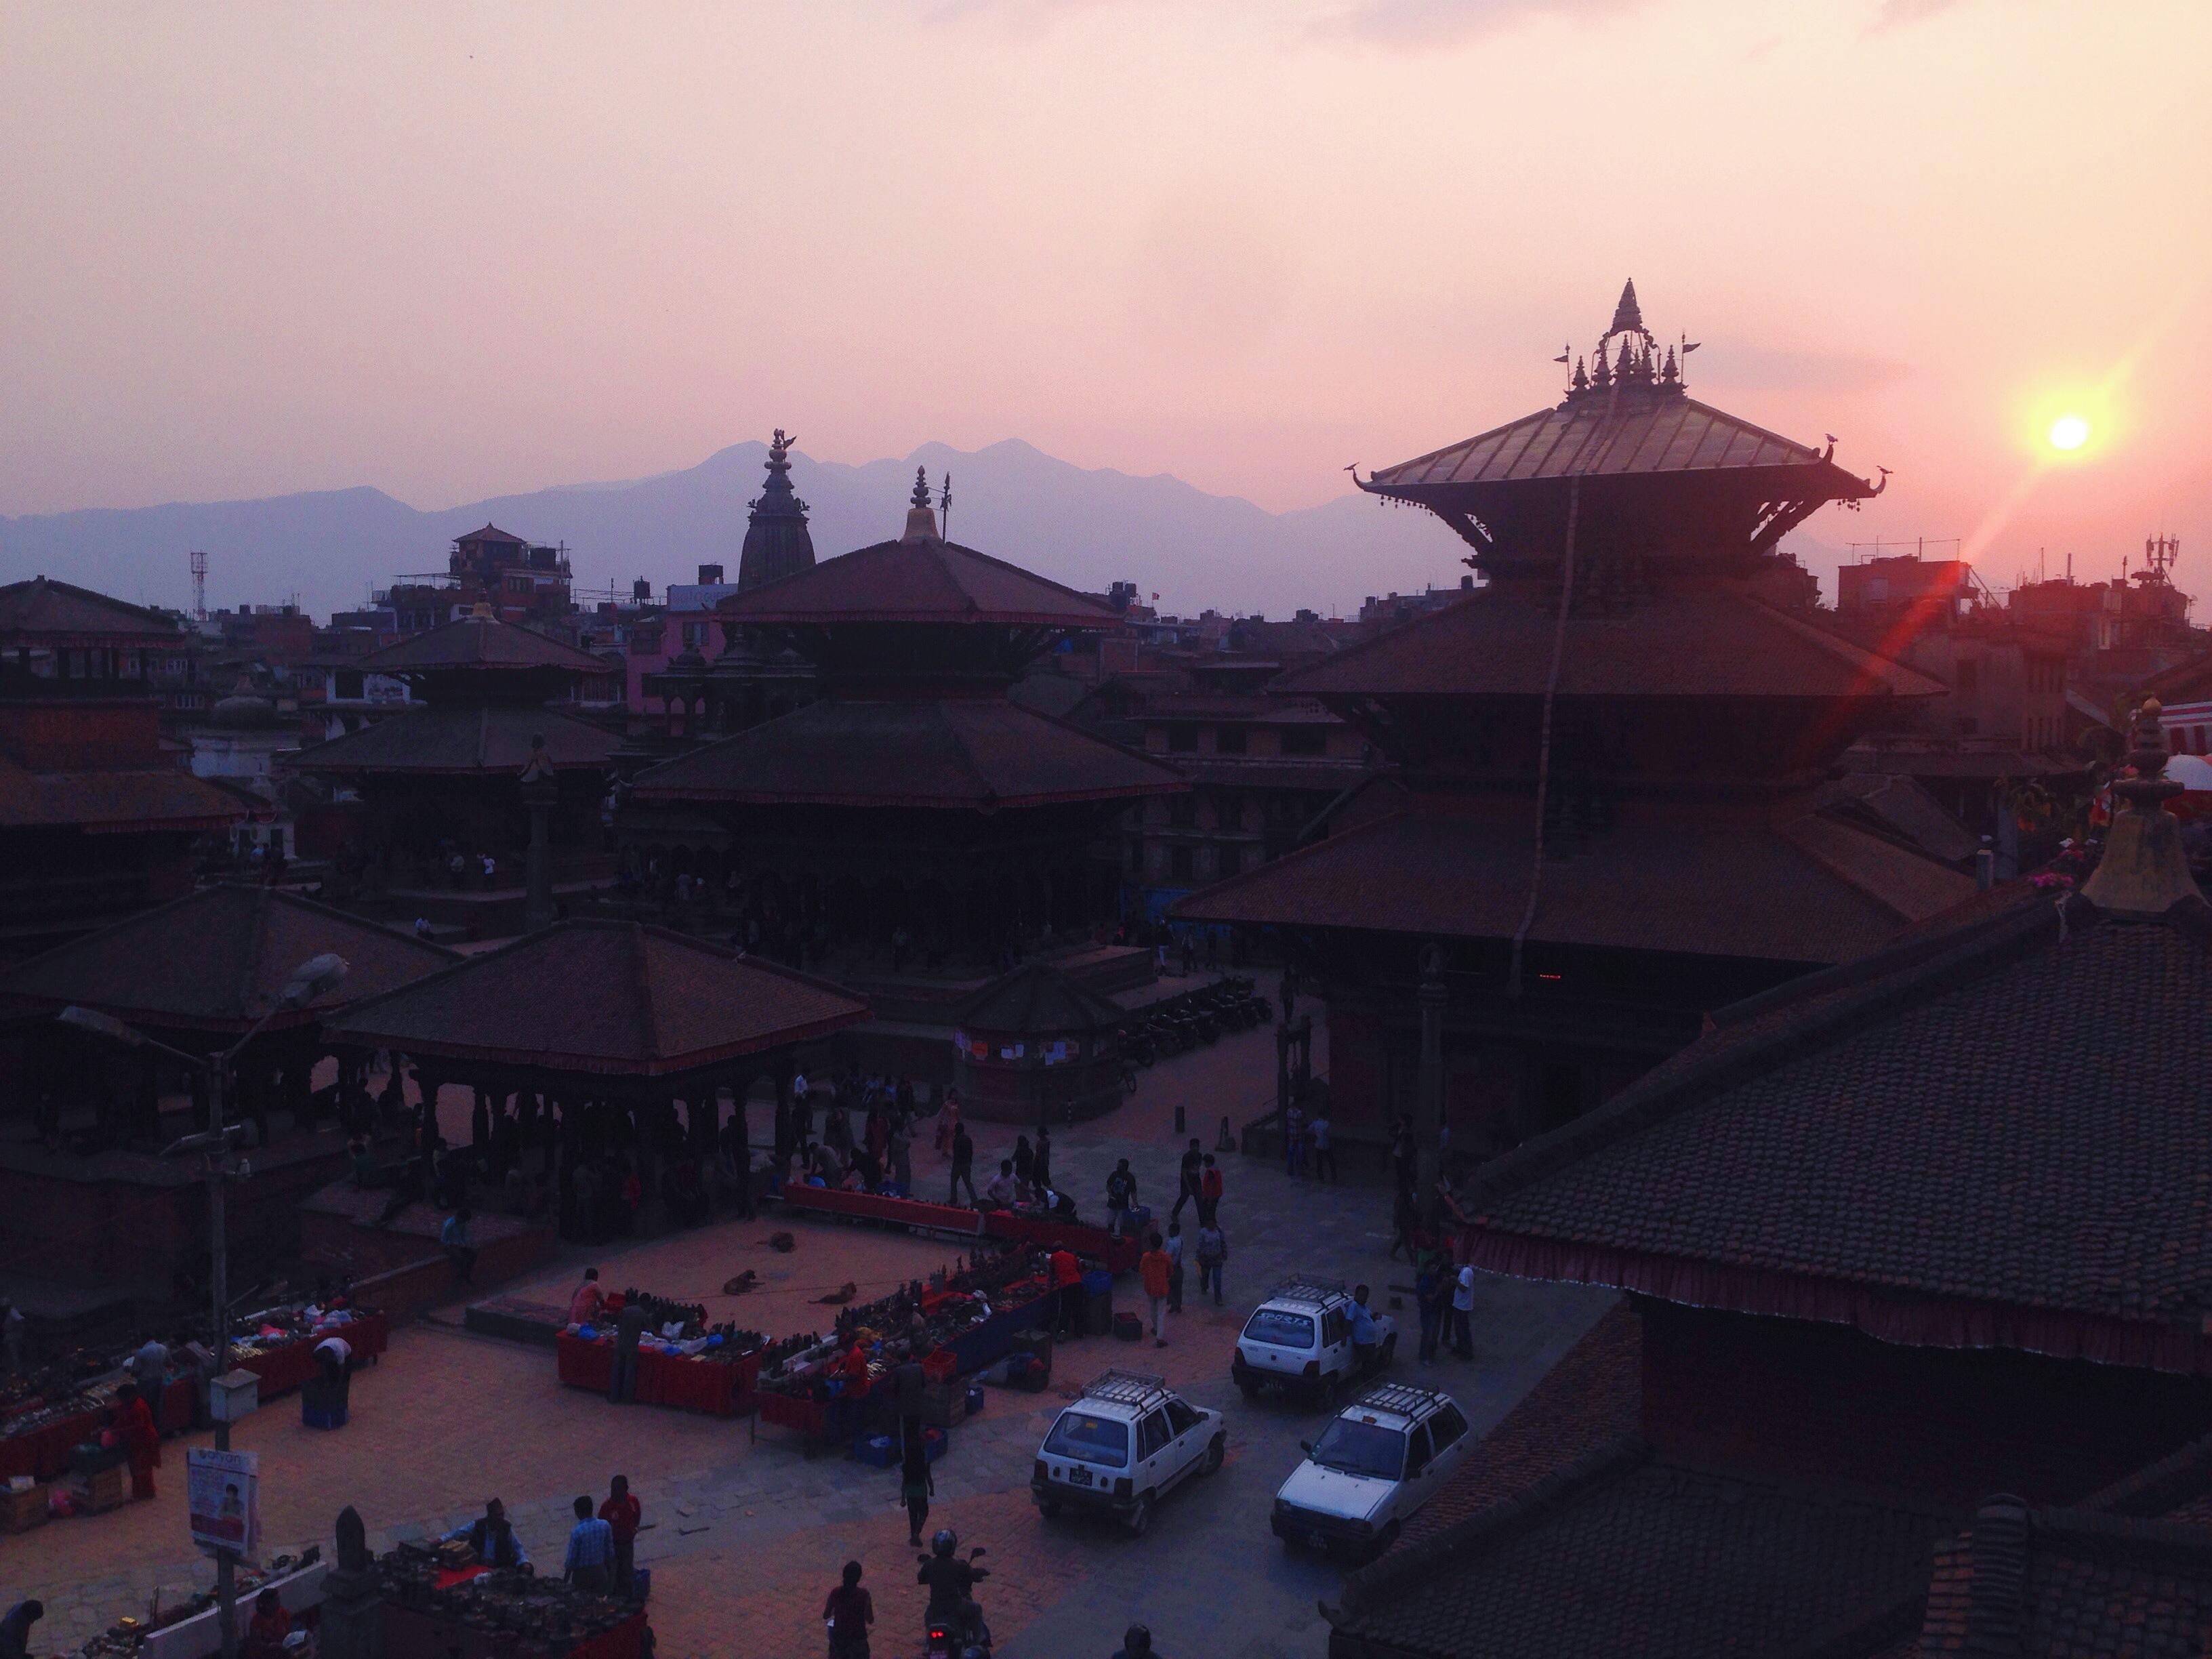 Il tramonto su Patan